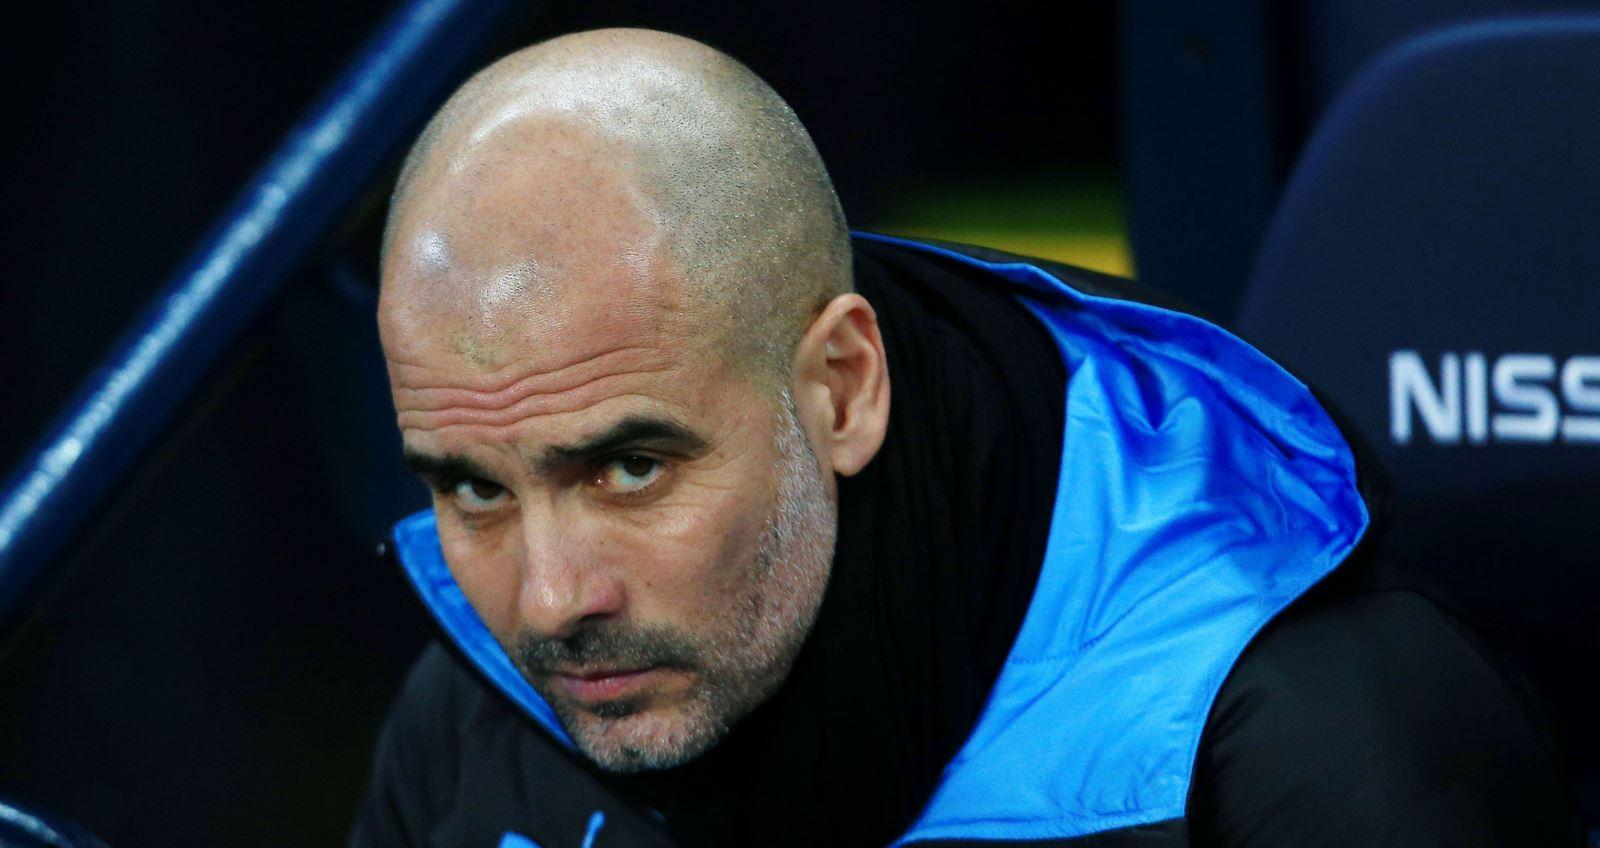 Man City, bóng đá, Manchester City, Luật công bằng tài chính, UEFA, Cúp C1, Champions League, ngoại hạng anh, lịch thi đấu, pep guardiola